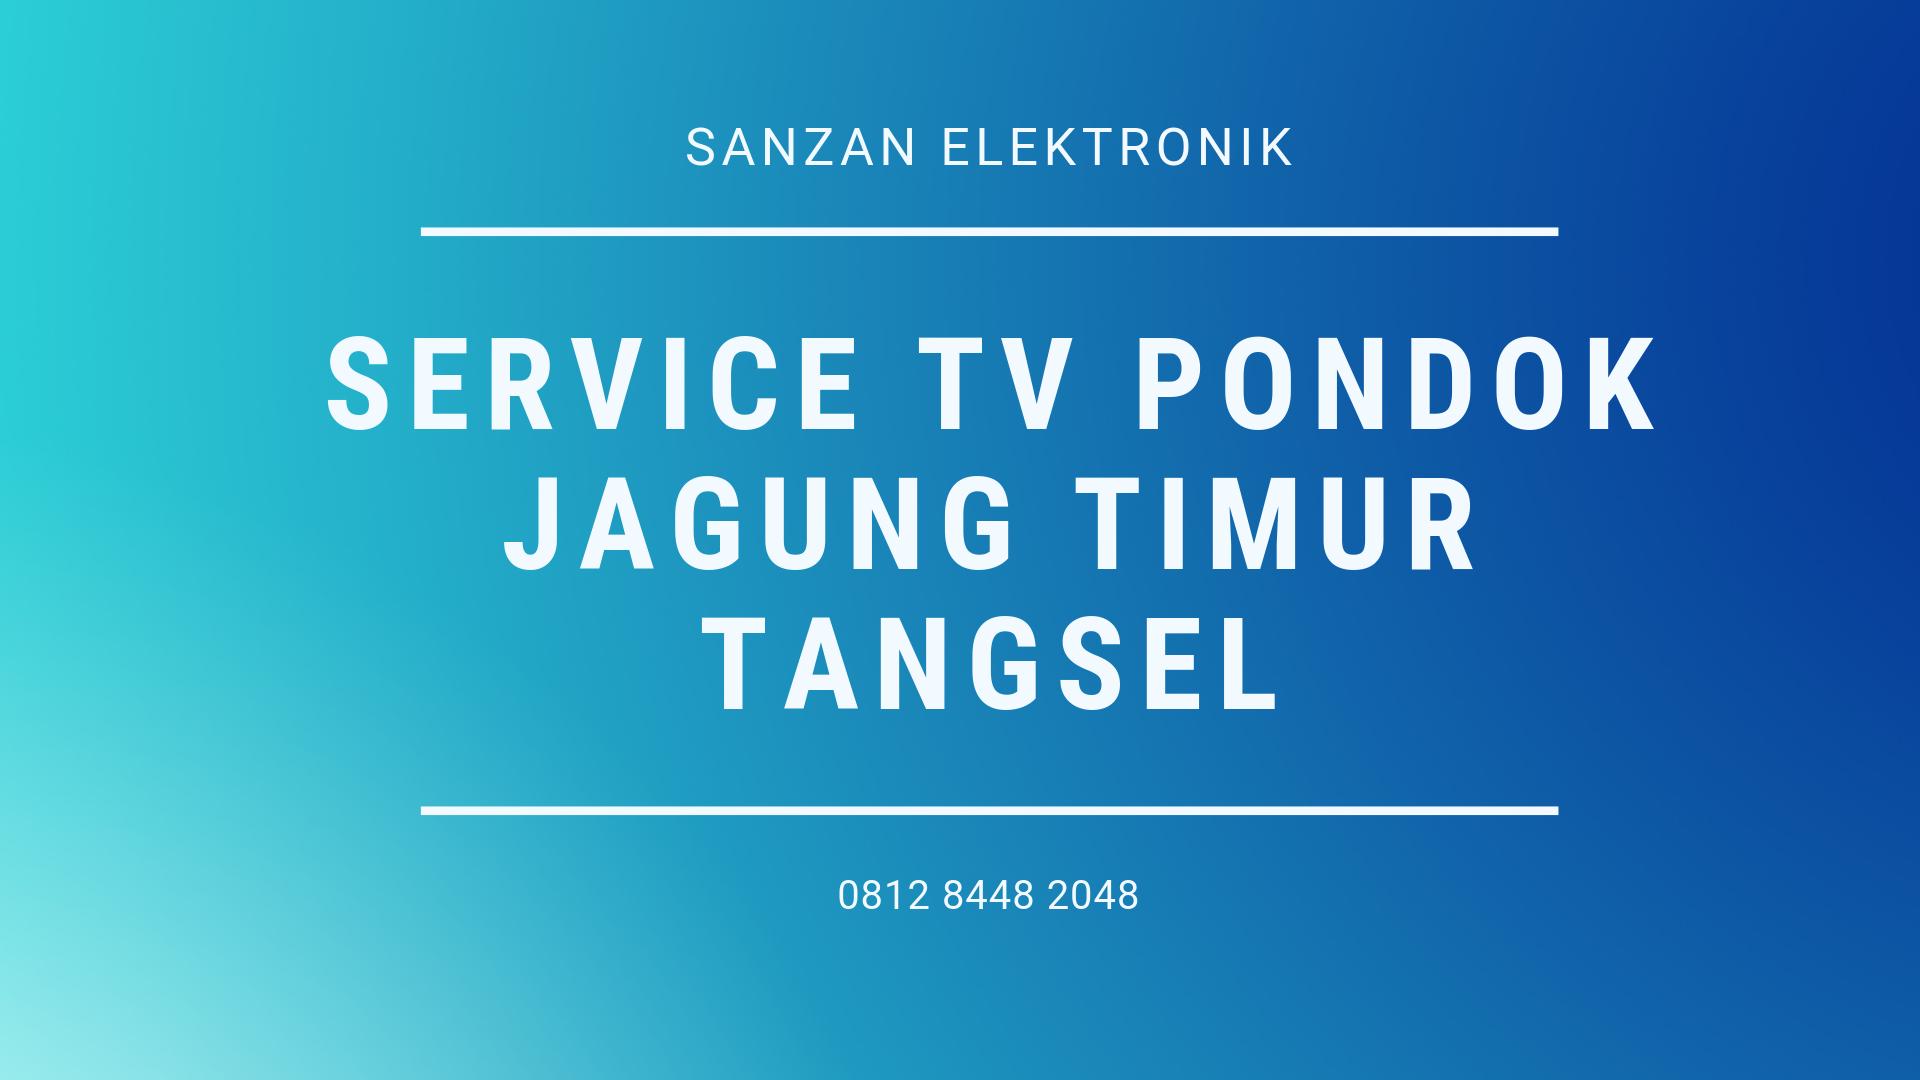 Service TV Pondok Jagung Timur Tangsel